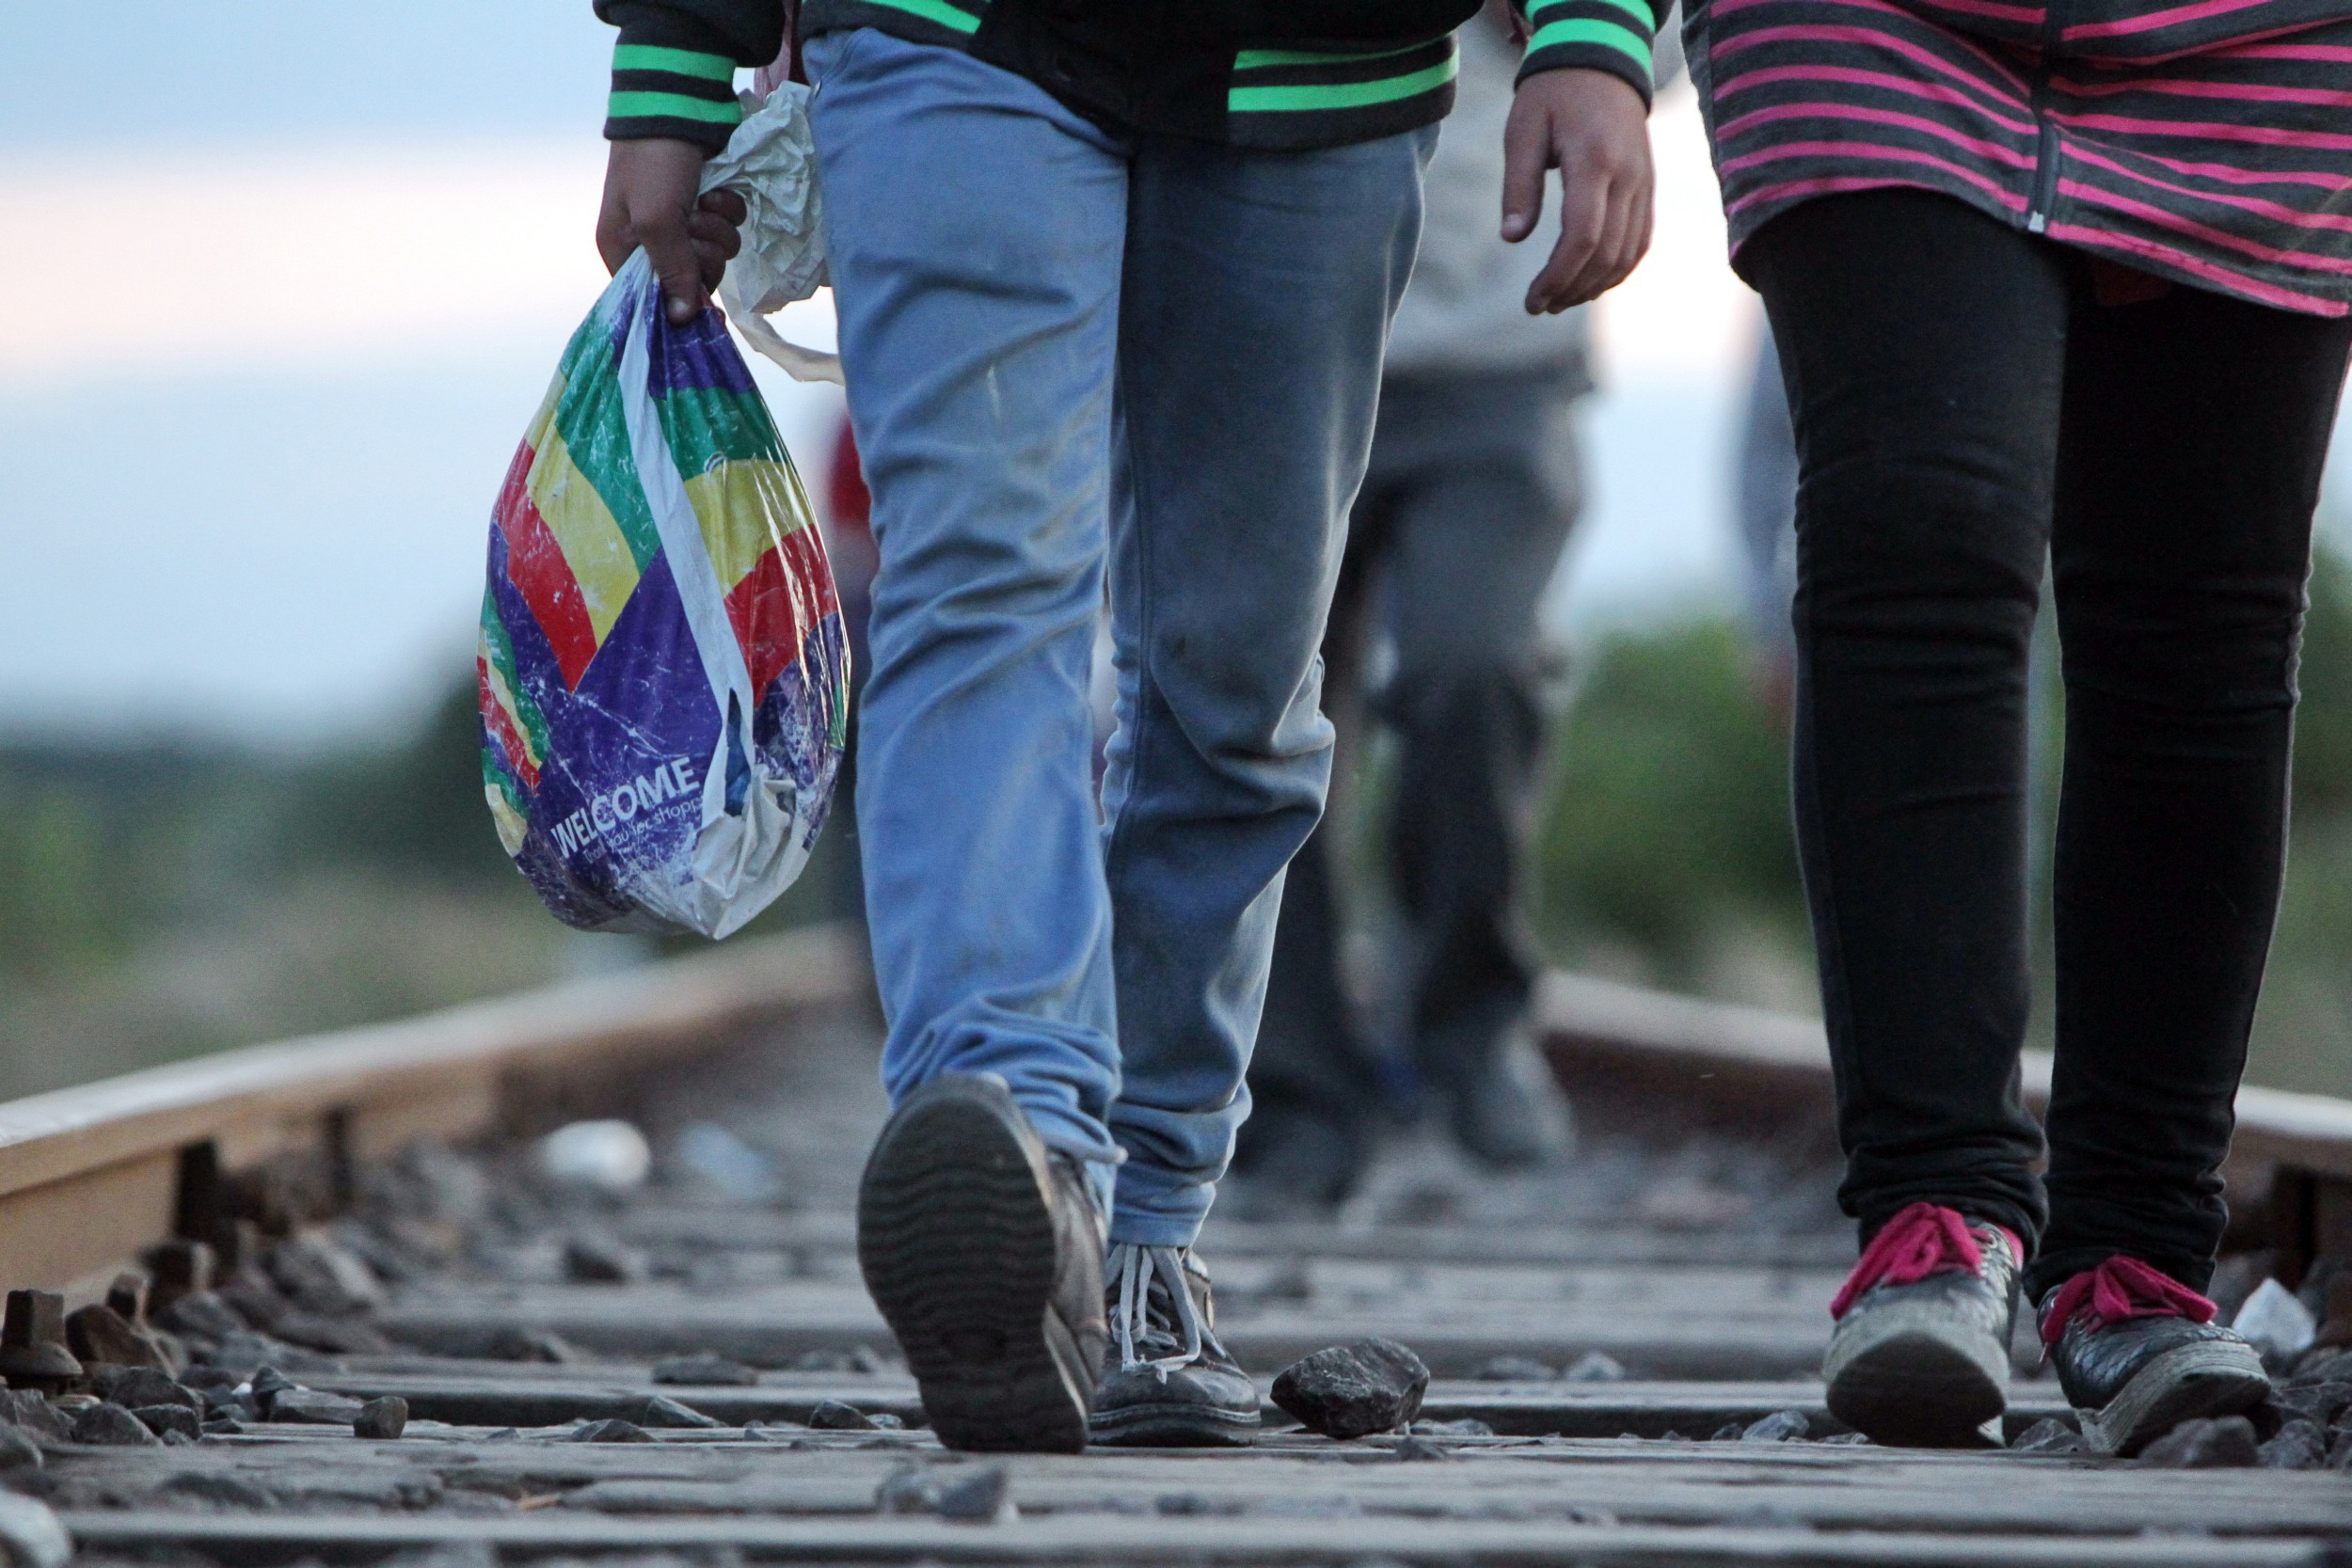 Parlamentul European propune distribuirea refugiaţilor în toate statele membre UE printr-un sistem permanent de cote